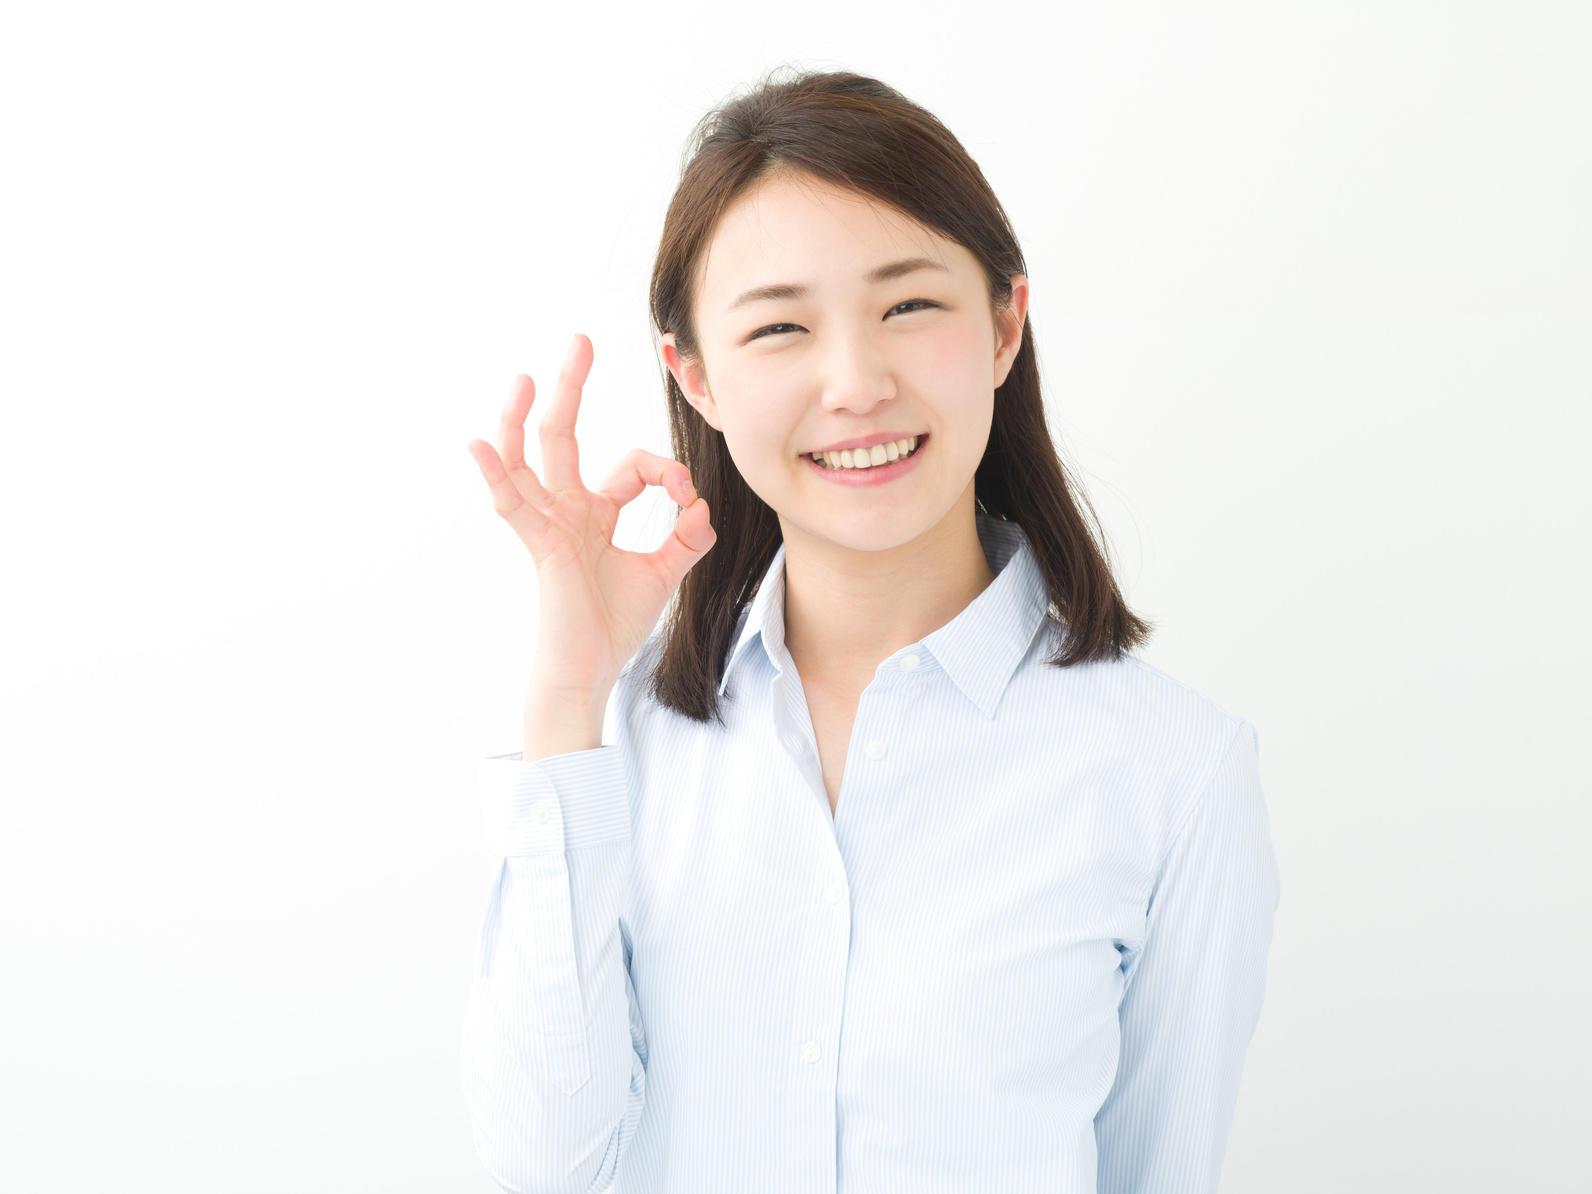 「相談しやすい」など好評、一方で課題も―LINE相談の試行結果を公表(神奈川県)